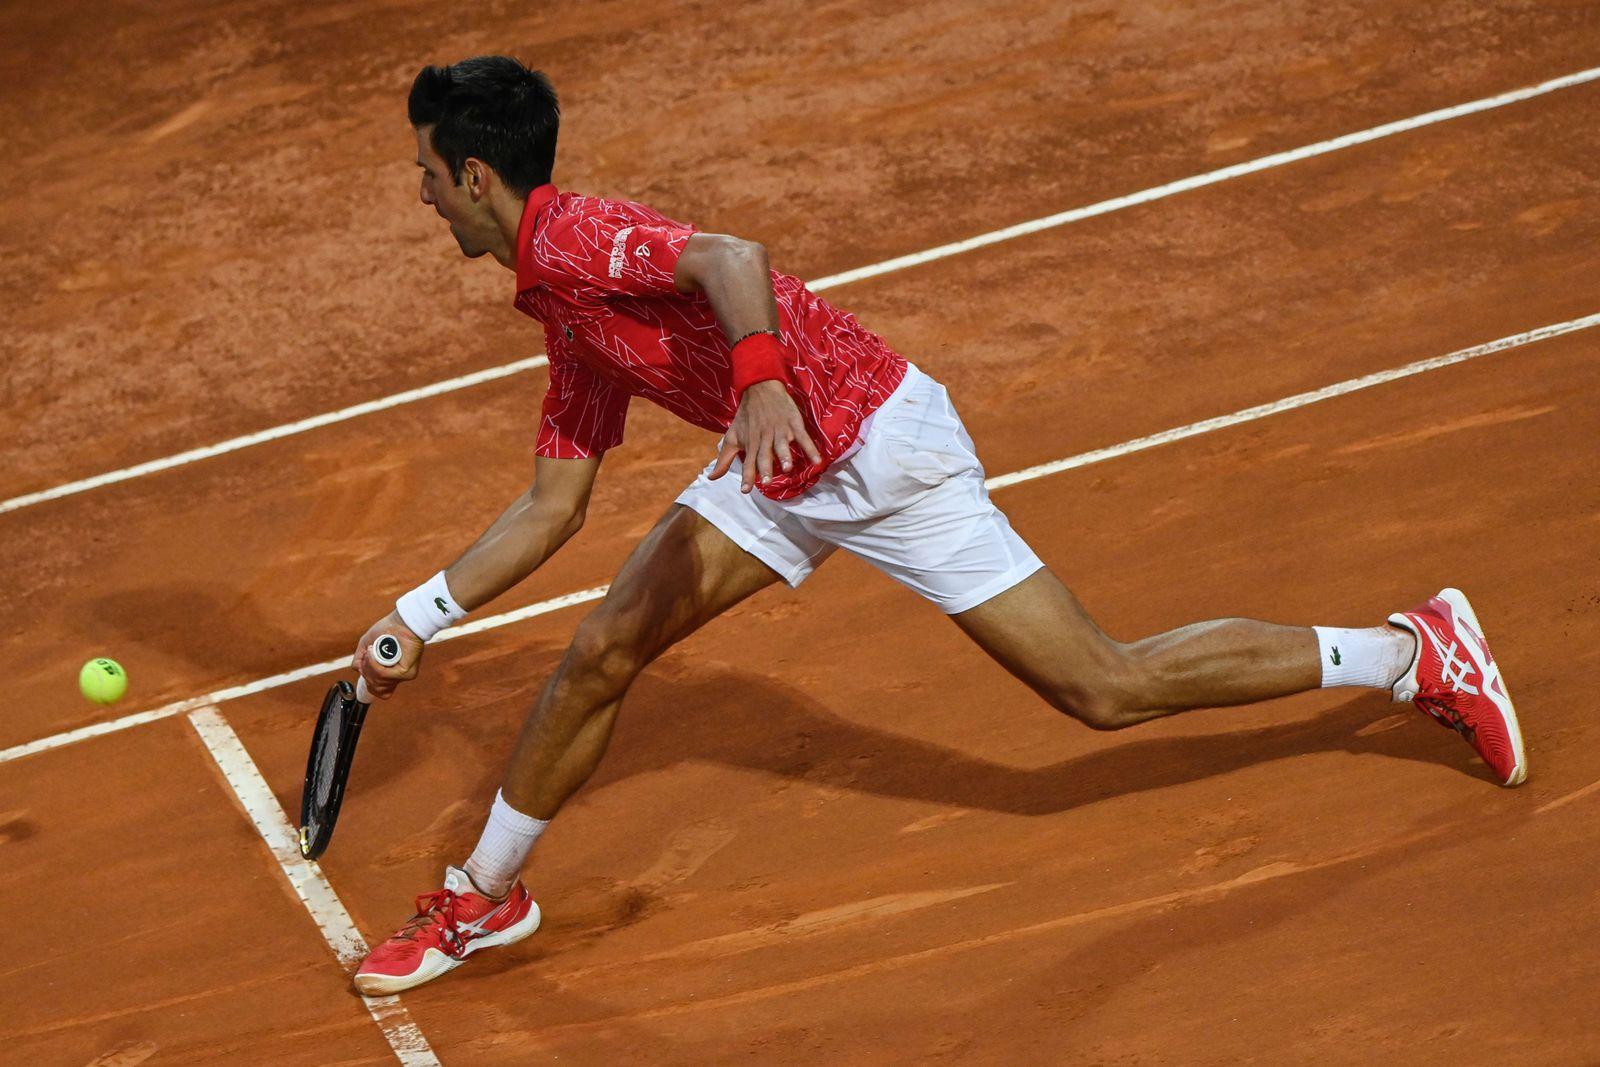 Italian Open 2020, Rome, Italy - 21 Sep 2020